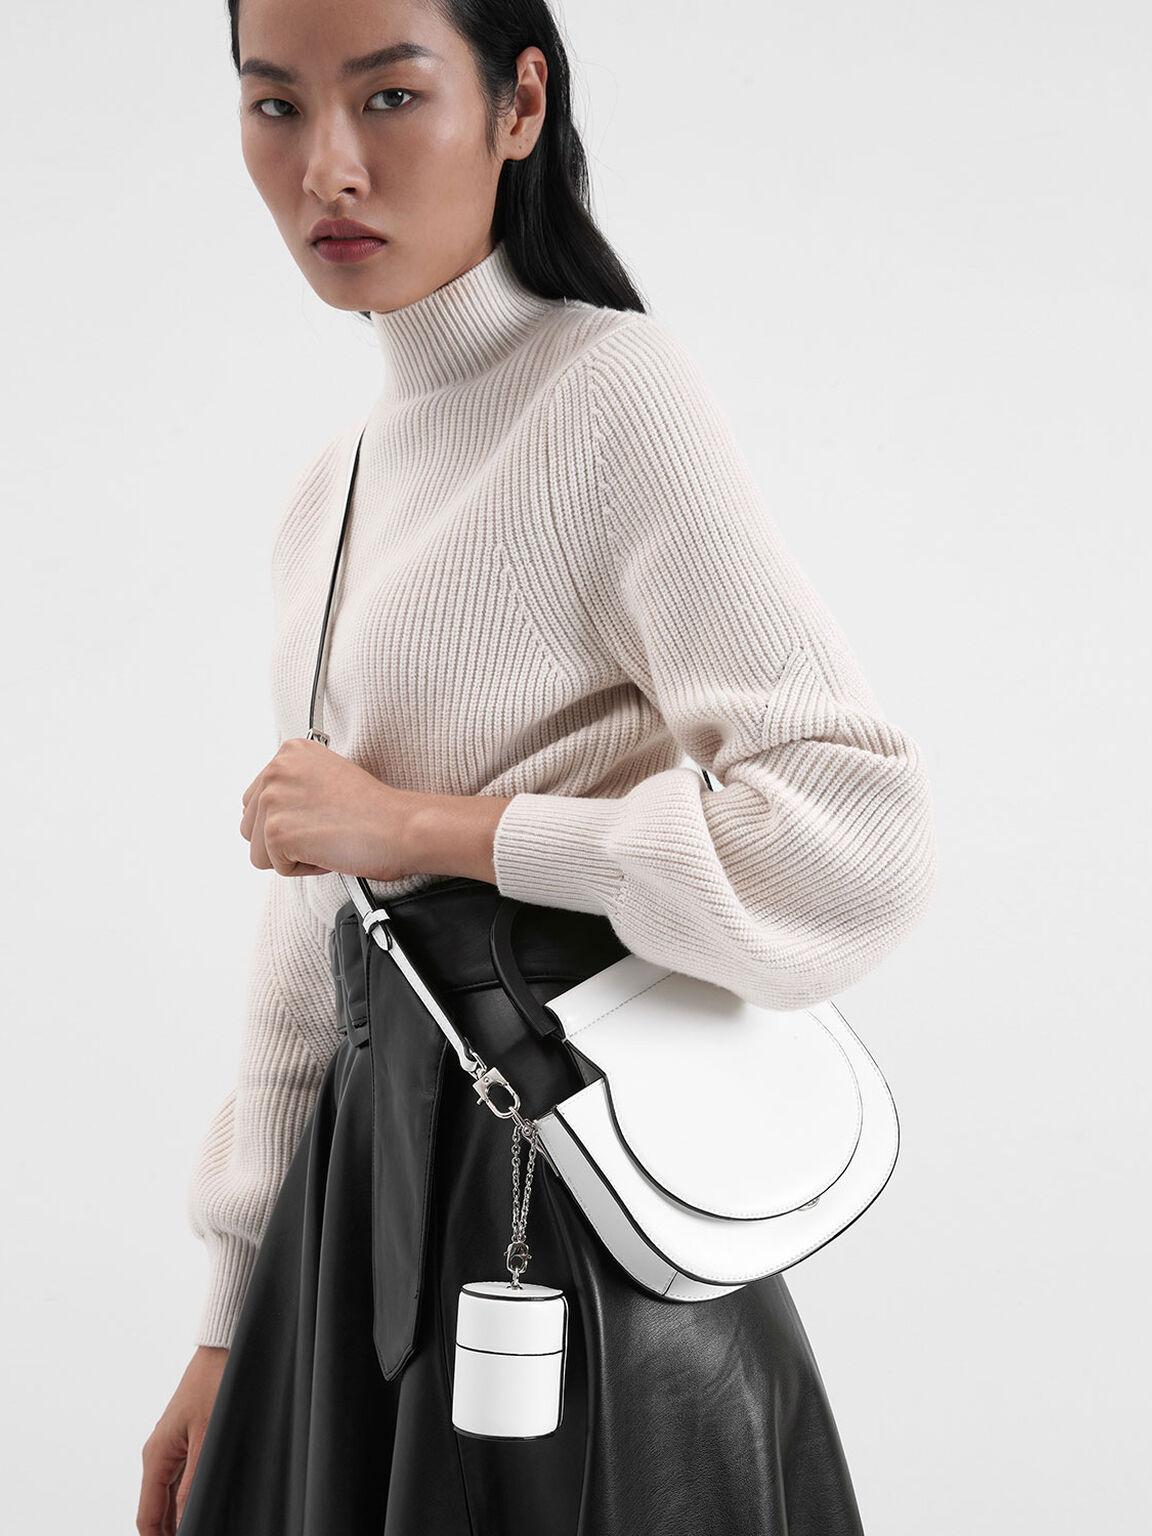 Mini Top Handle Bag Saddle Bag, White, hi-res